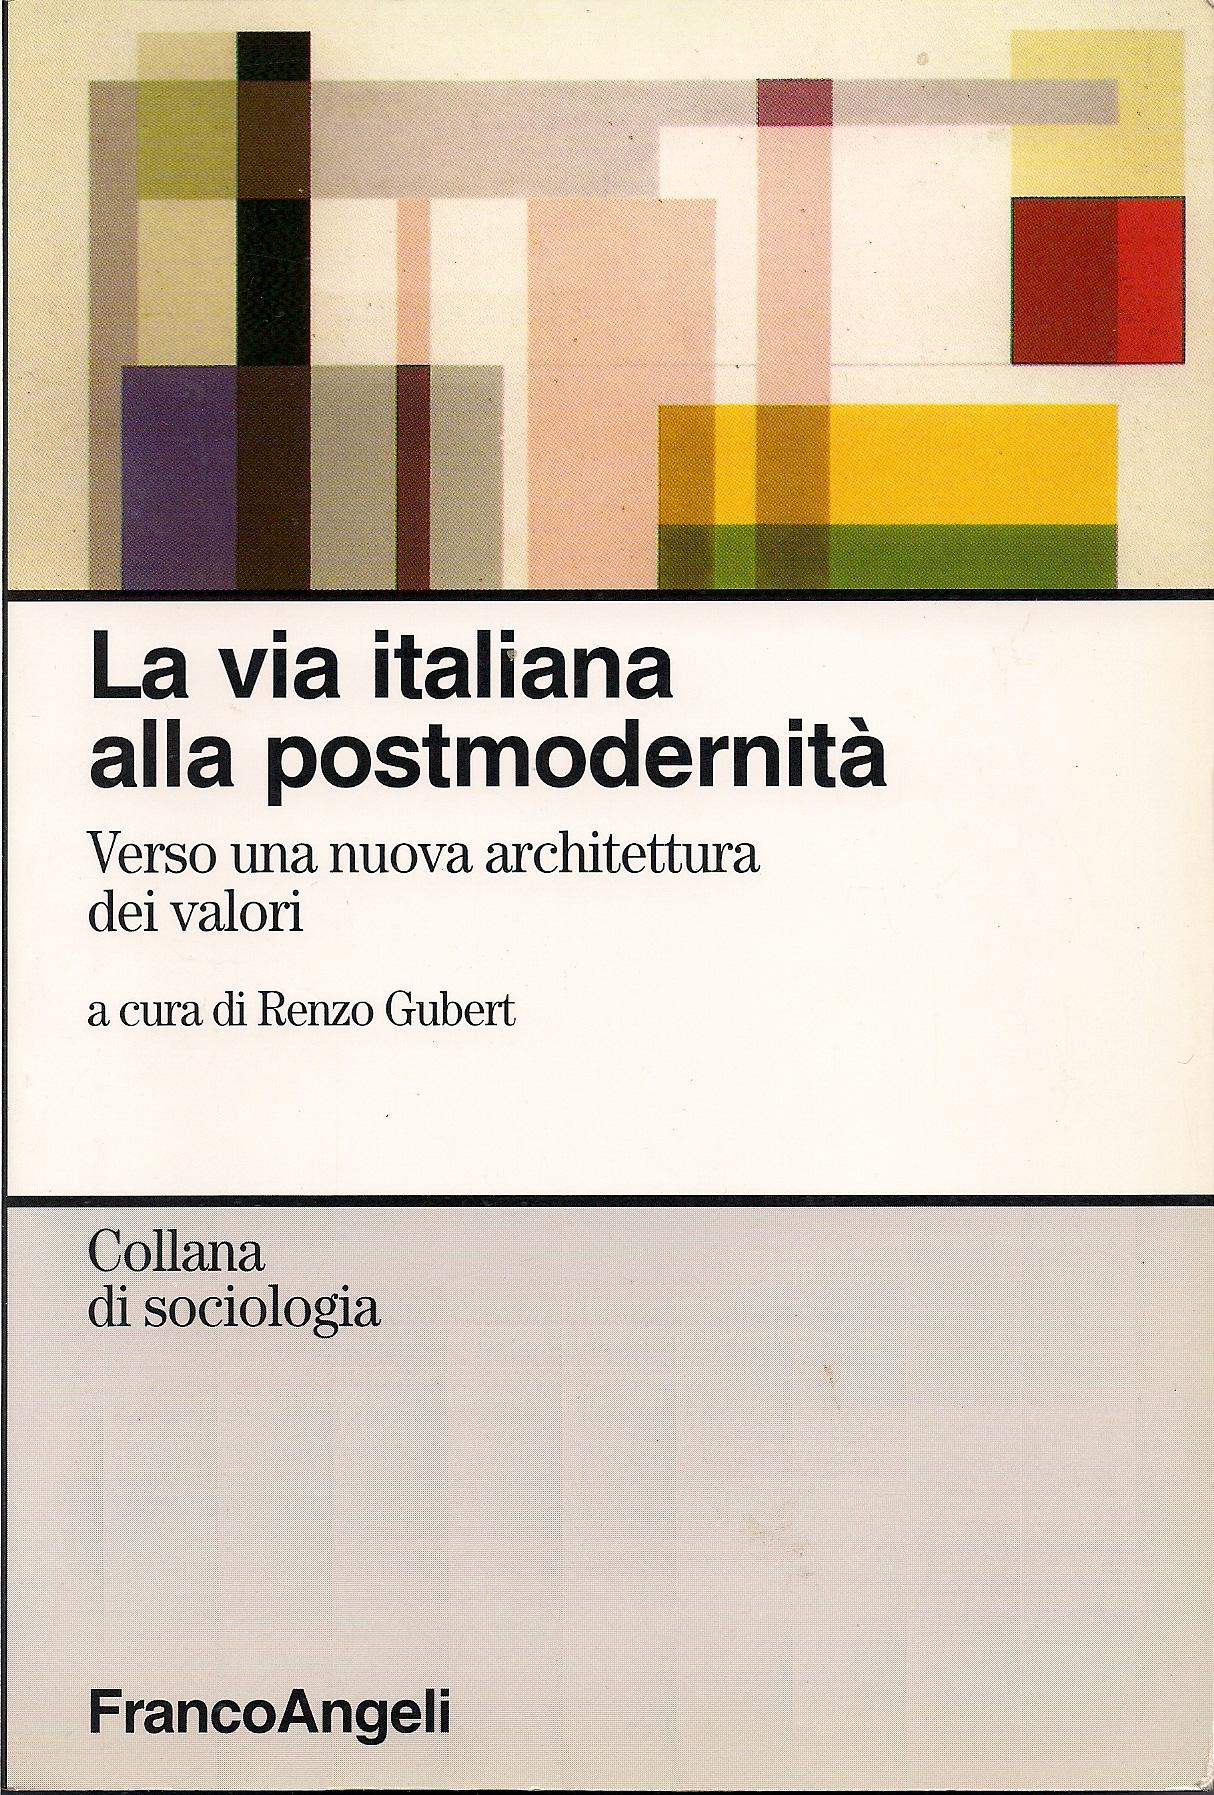 La via italiana verso una nuova architettura dei valori